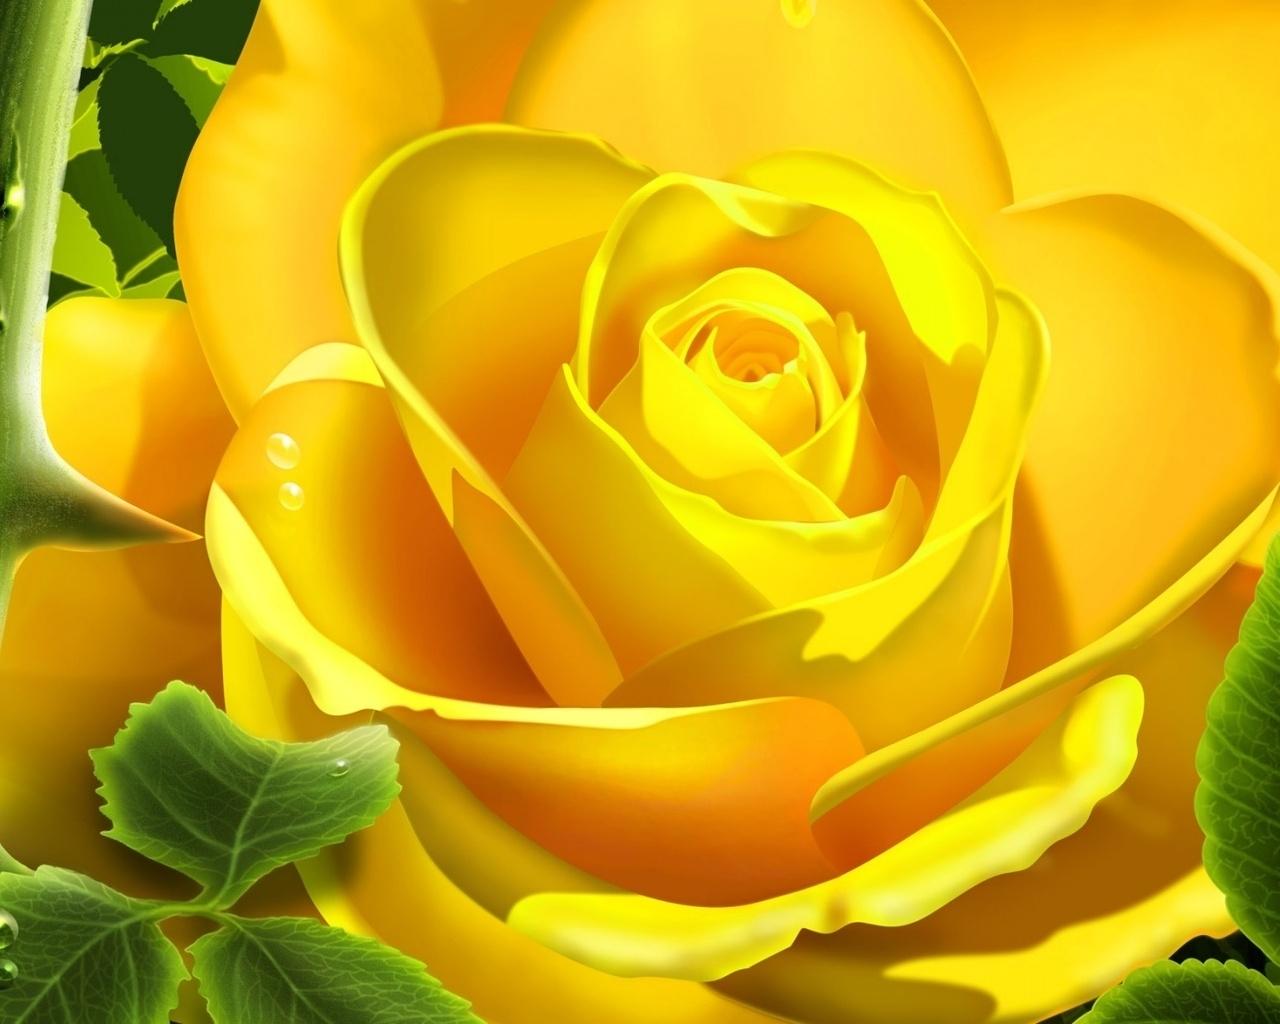 2034 Hintergrundbild herunterladen Bilder, Roses, Pflanzen, Blumen - Bildschirmschoner und Bilder kostenlos